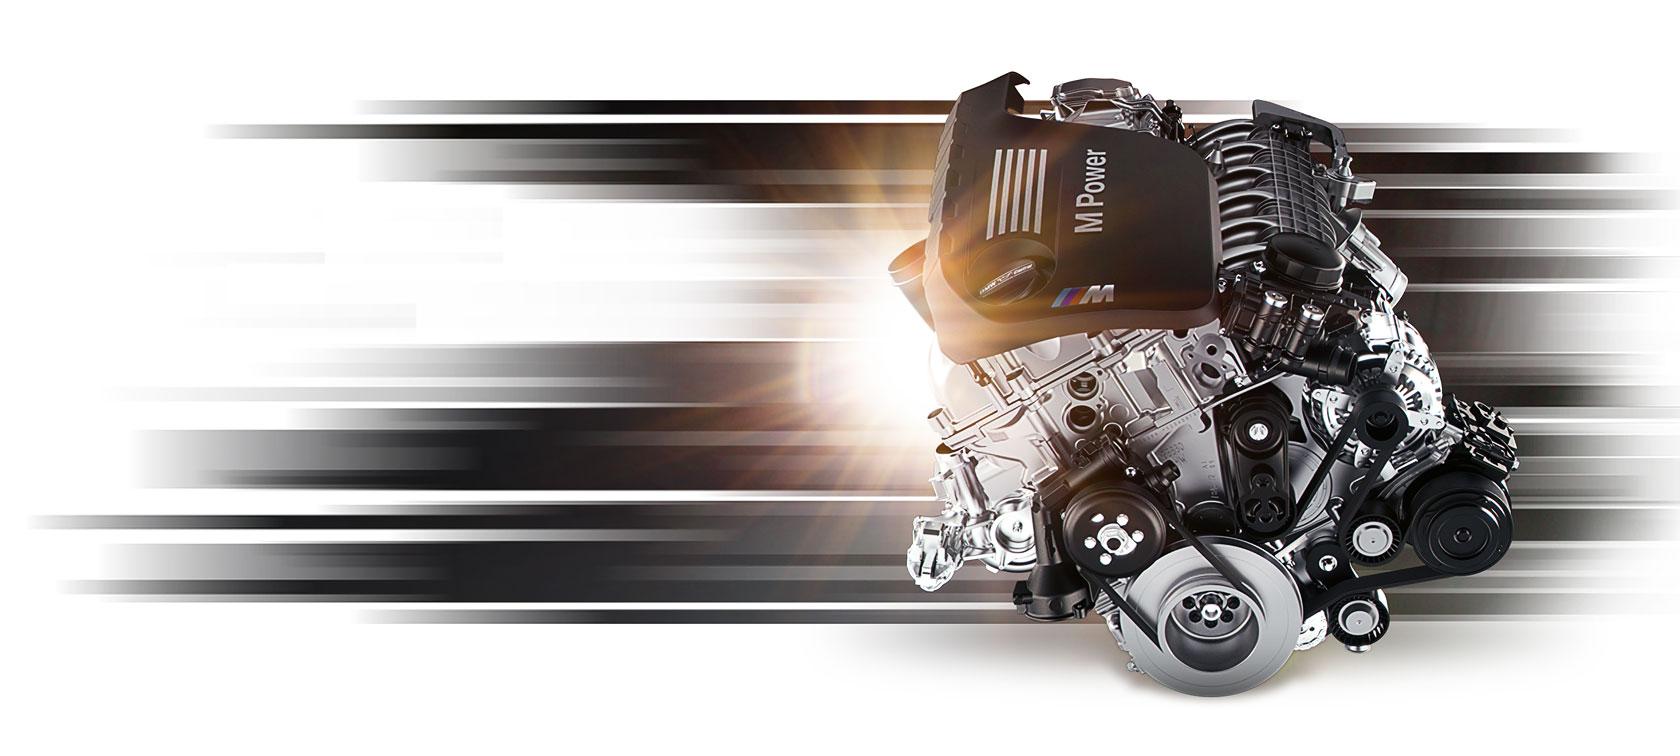 BMW EfficientDynamics : BMW TwinPower Turbo Engines